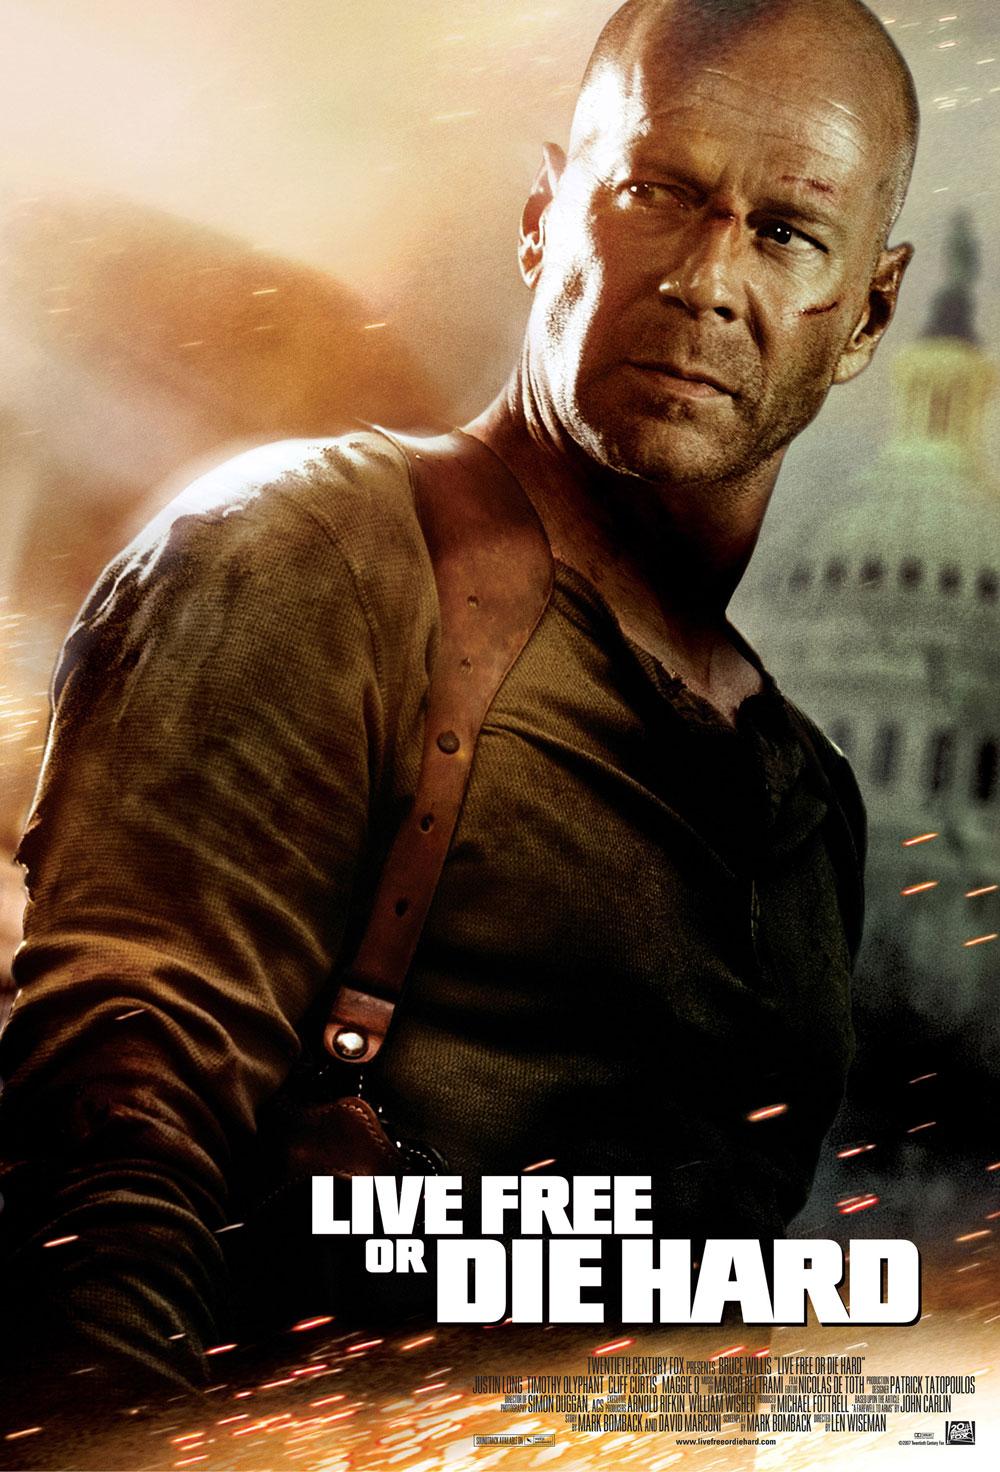 Live Free Or Die Hard Action Movie